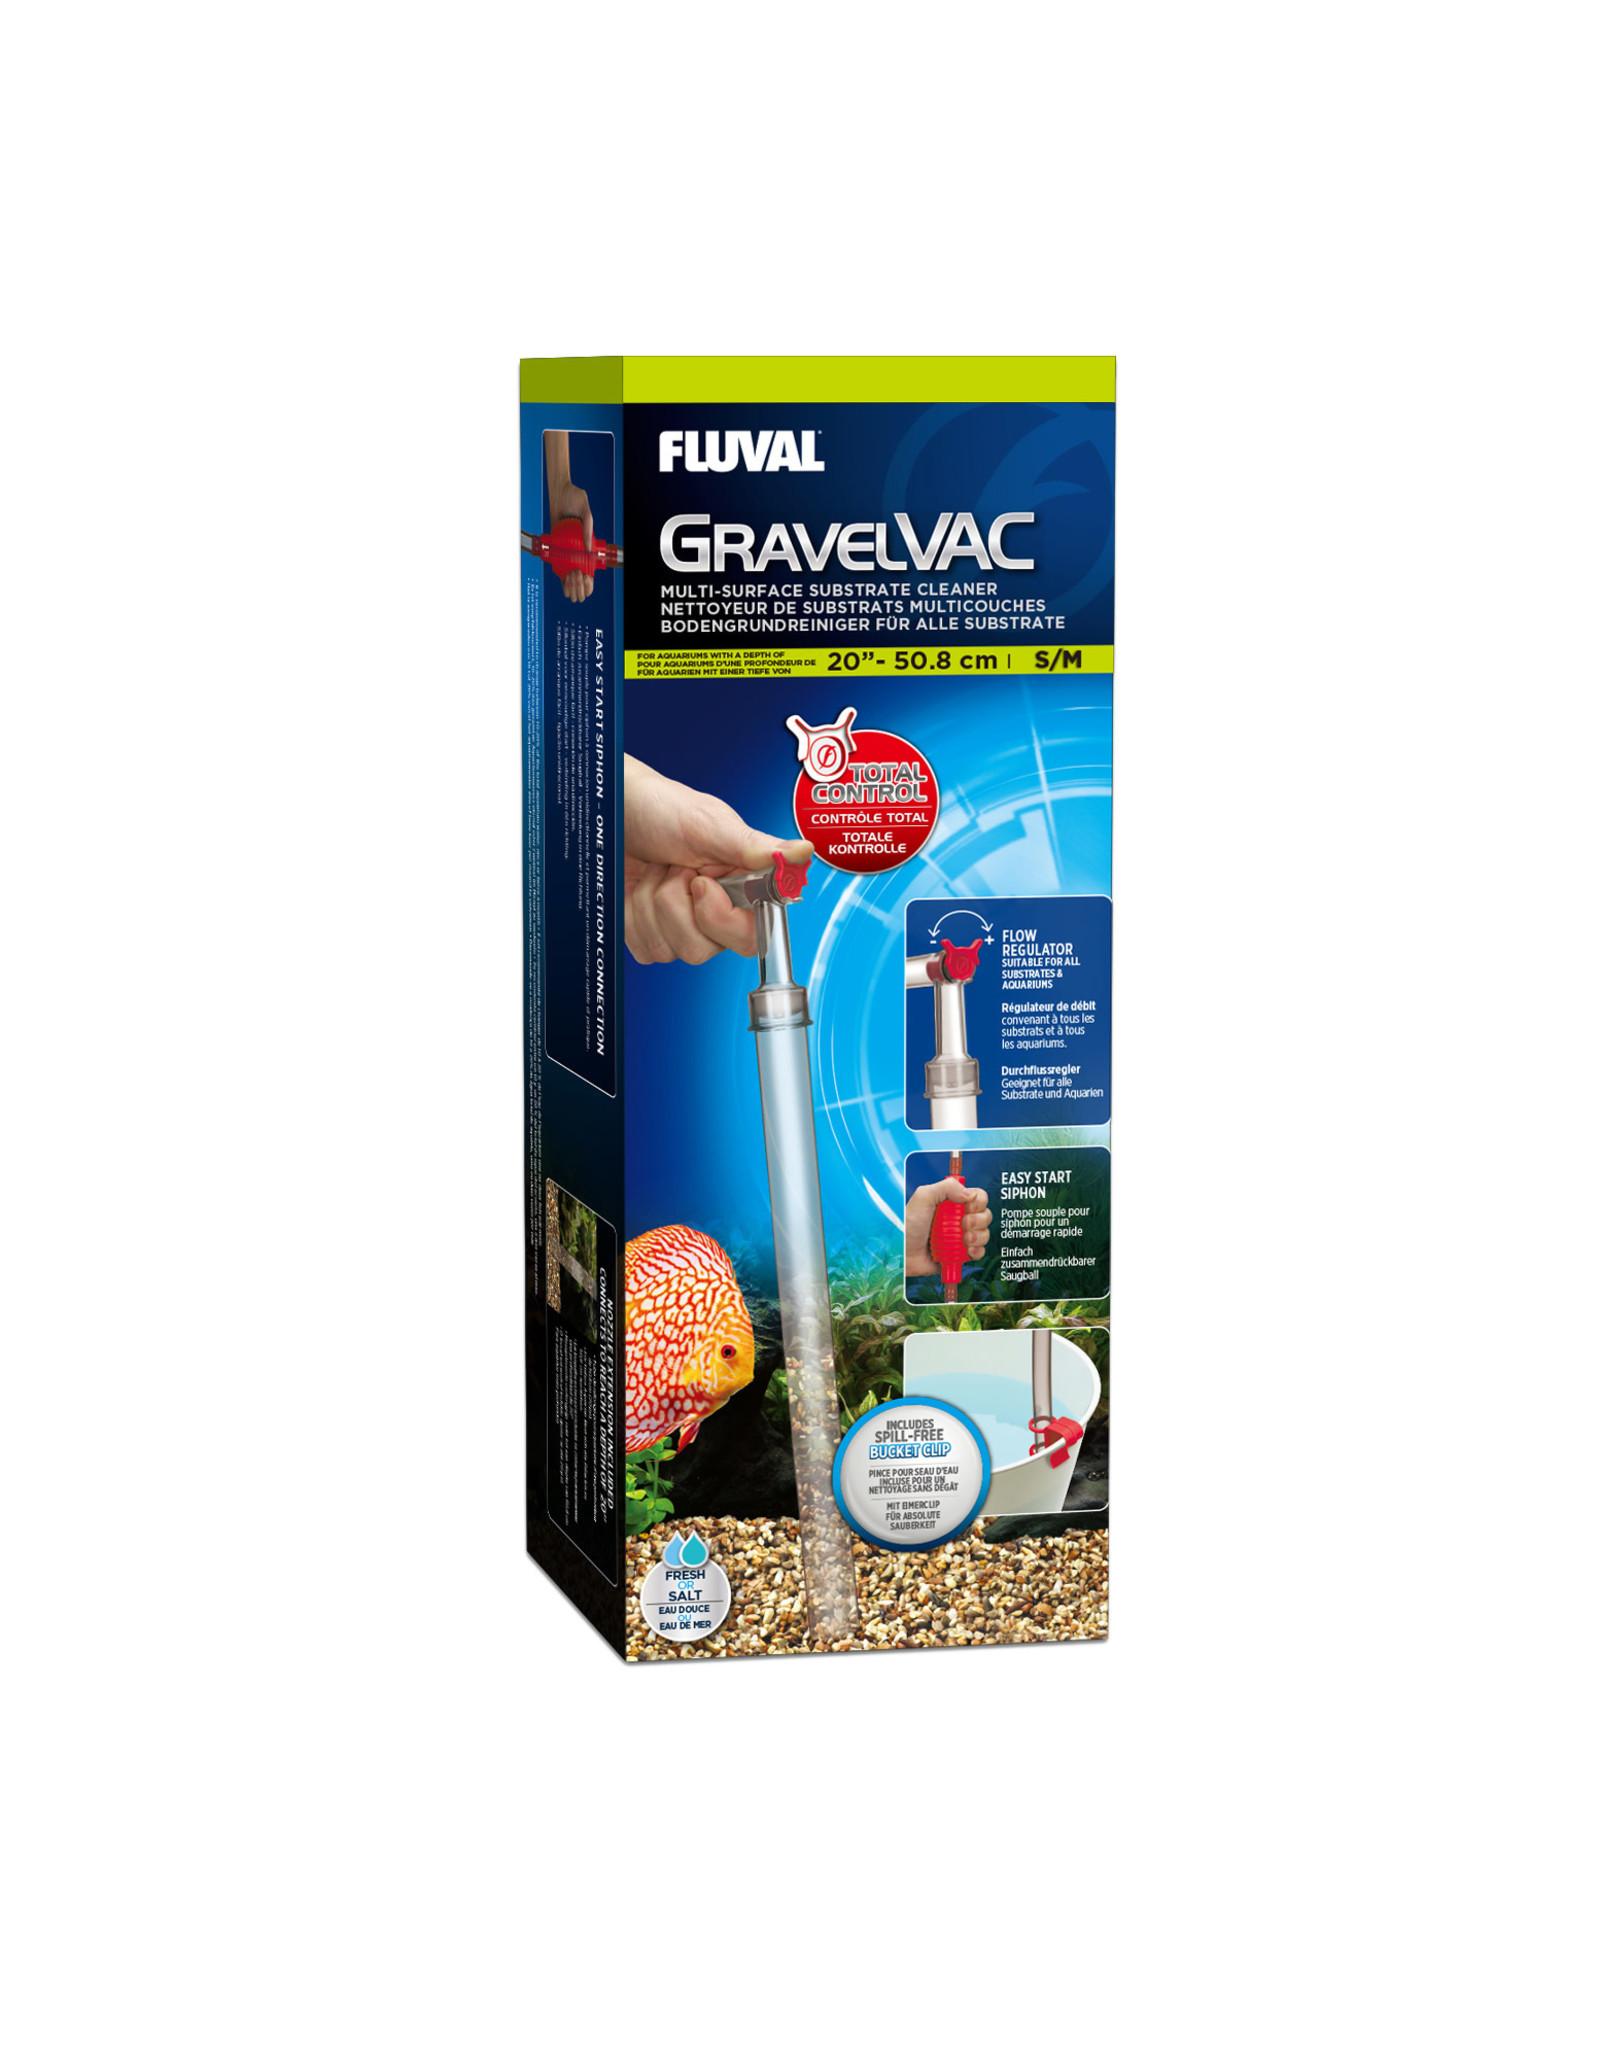 Fluval Fluval Gravel Vac Multi-Substrate Cleaner - Small / Medium